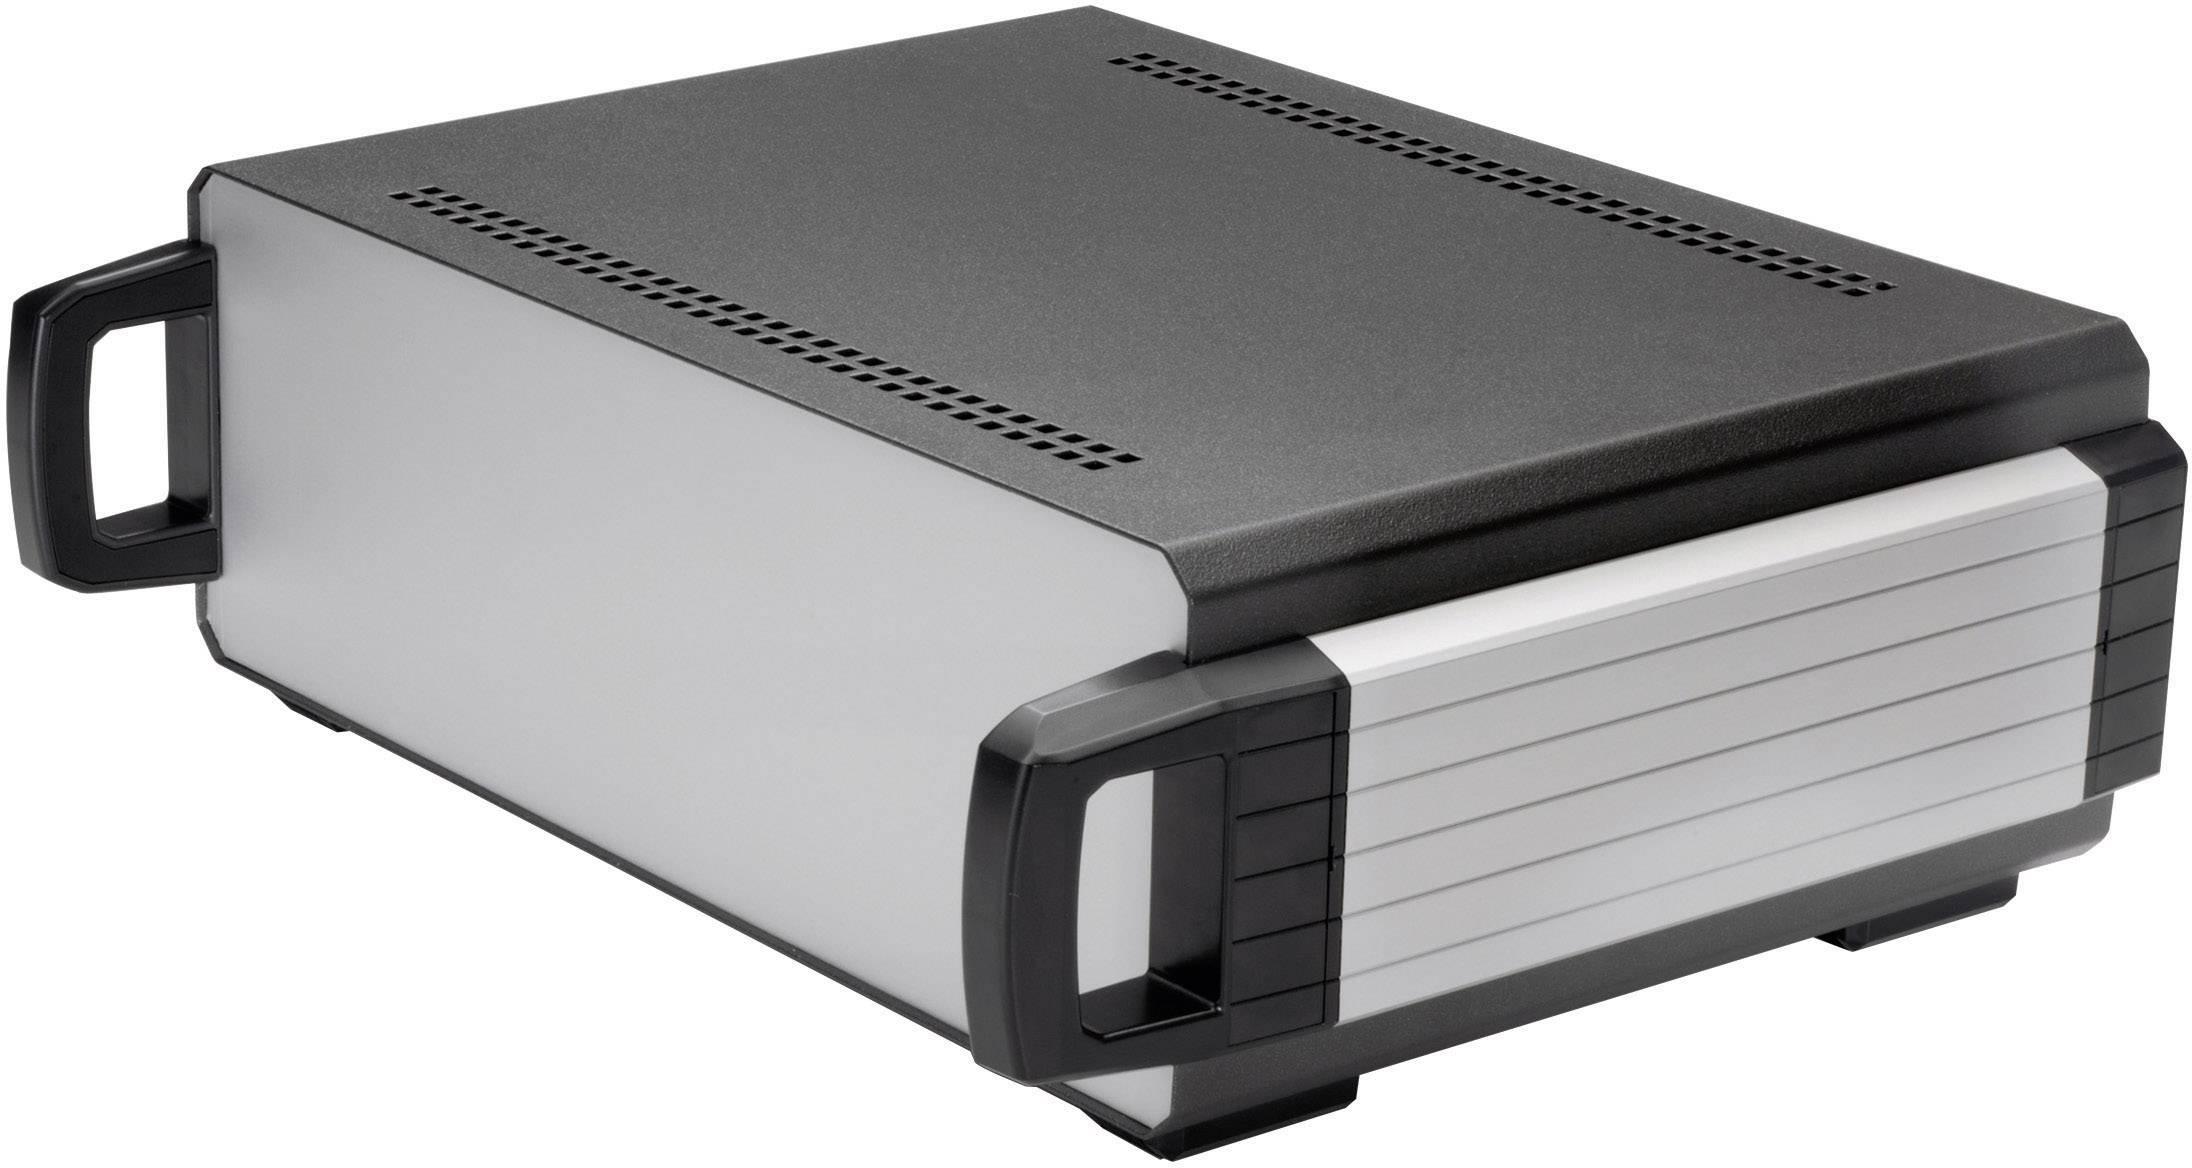 Puzdro na stôl Axxatronic CDIC00001-CON, 150 x 140 x 70 mm, hliník, antracitová, 1 ks